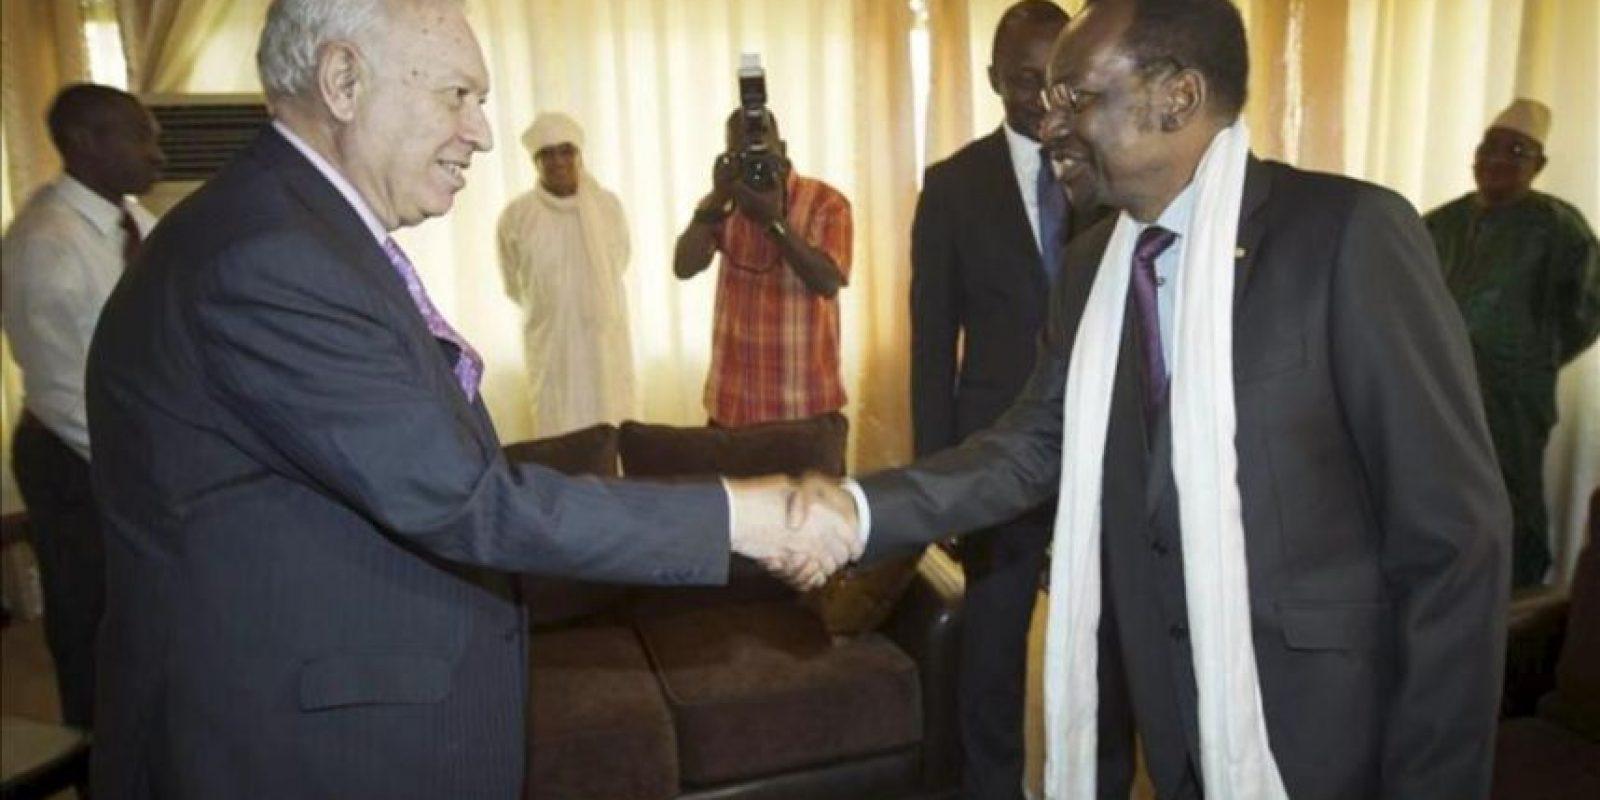 El ministro de Asuntos Exteriores, José Manuel García-Margallo (i), es recibido por el presidente de Malí, Dioncounda Traoré, al comienzo de la reunión que han mantenido hoy en Bamako. EFE